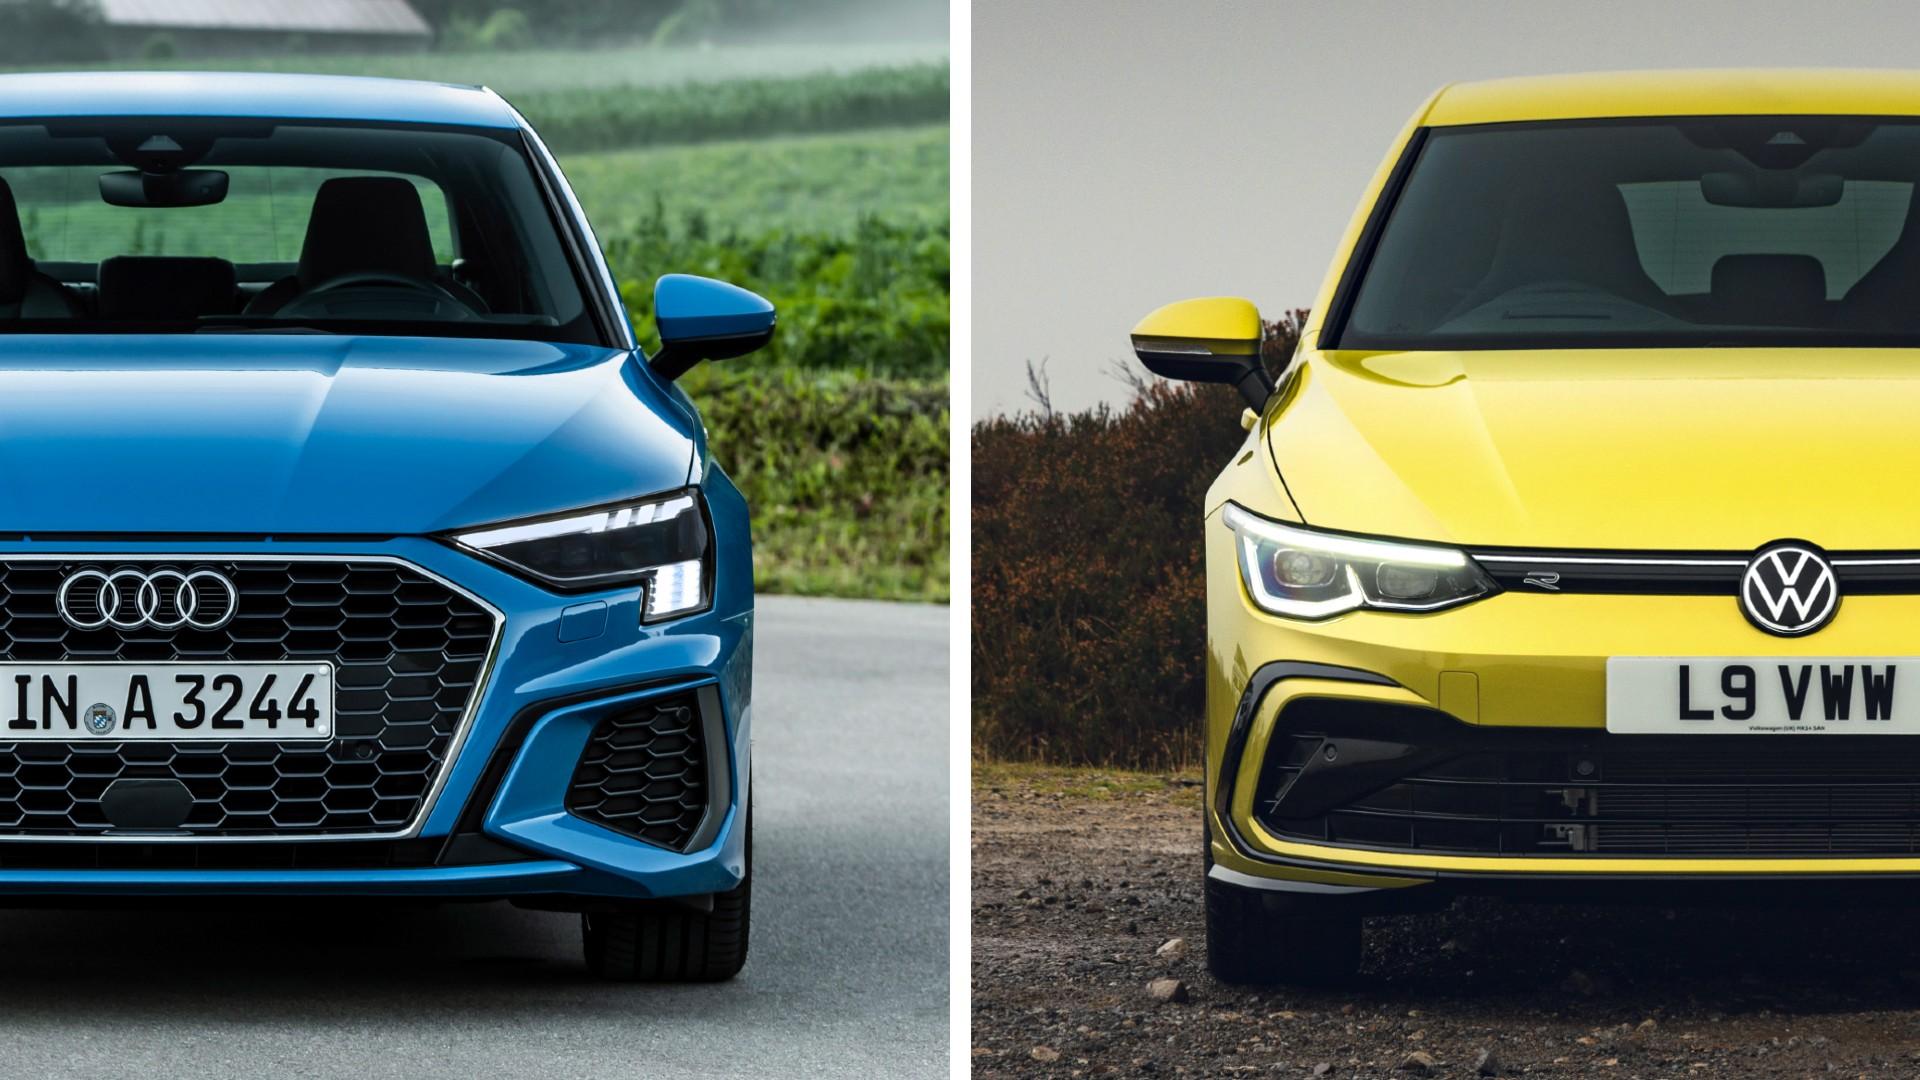 Νέες τιμές στην Ελλάδα για πολλά μοντέλα των Volkswagen και Audi